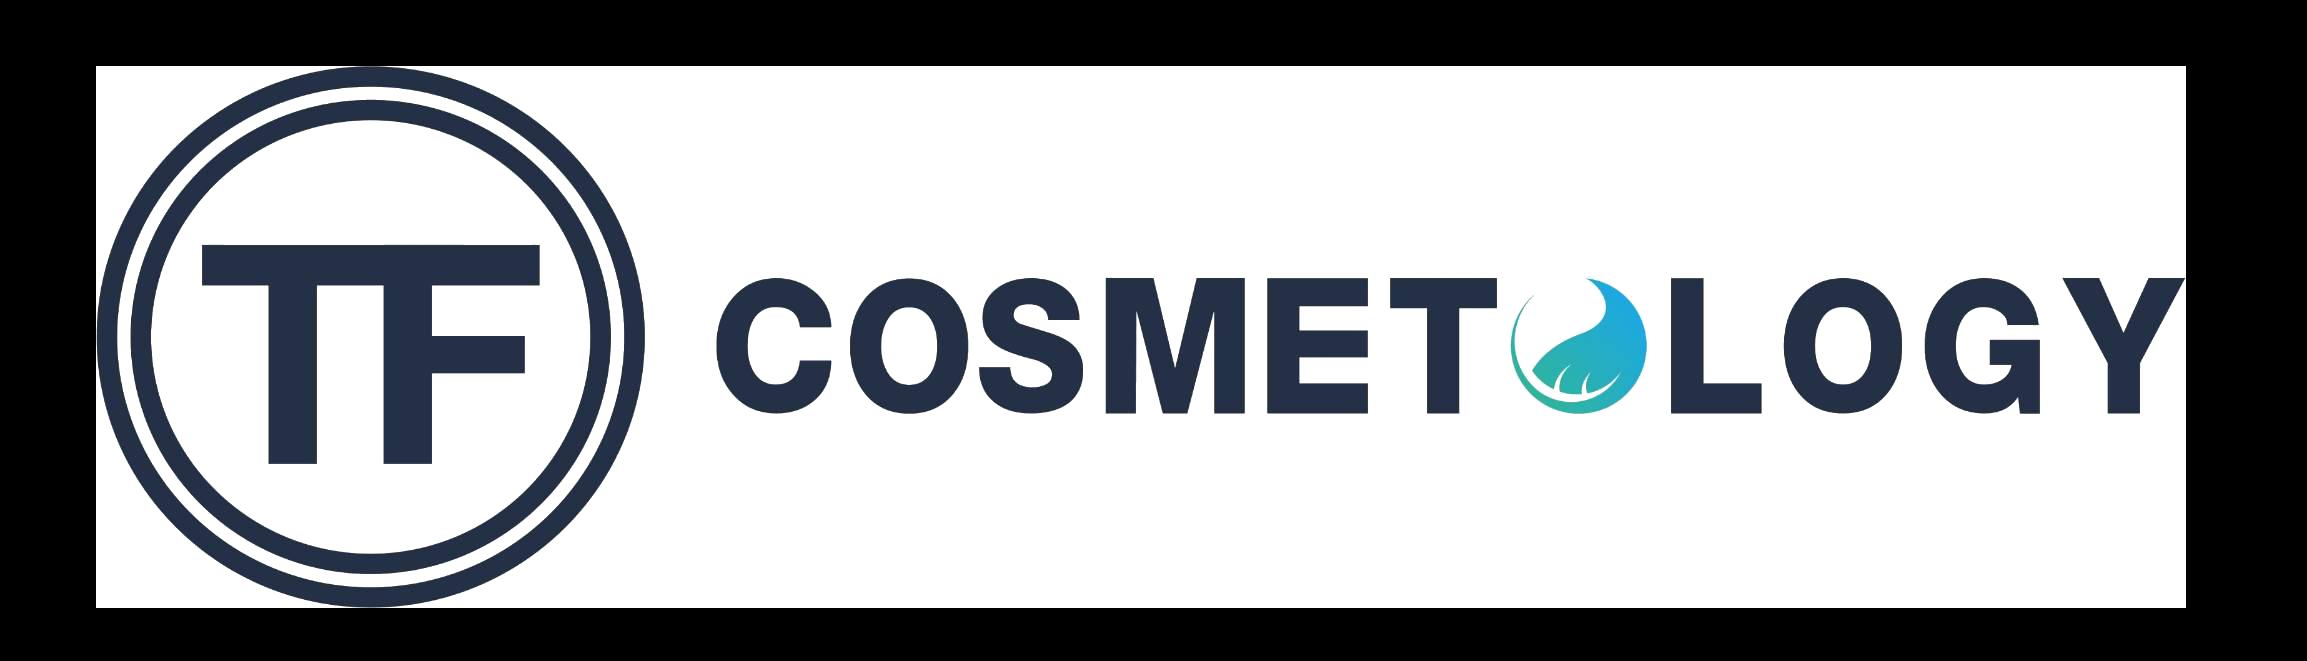 โรงงานรับผลิตเครื่องสำอาง I มาตรฐาน GMP I บริการสร้างแบรนด์สำหรับคุณ | Manufecture cosmetics I Certificate GMP I New Brand